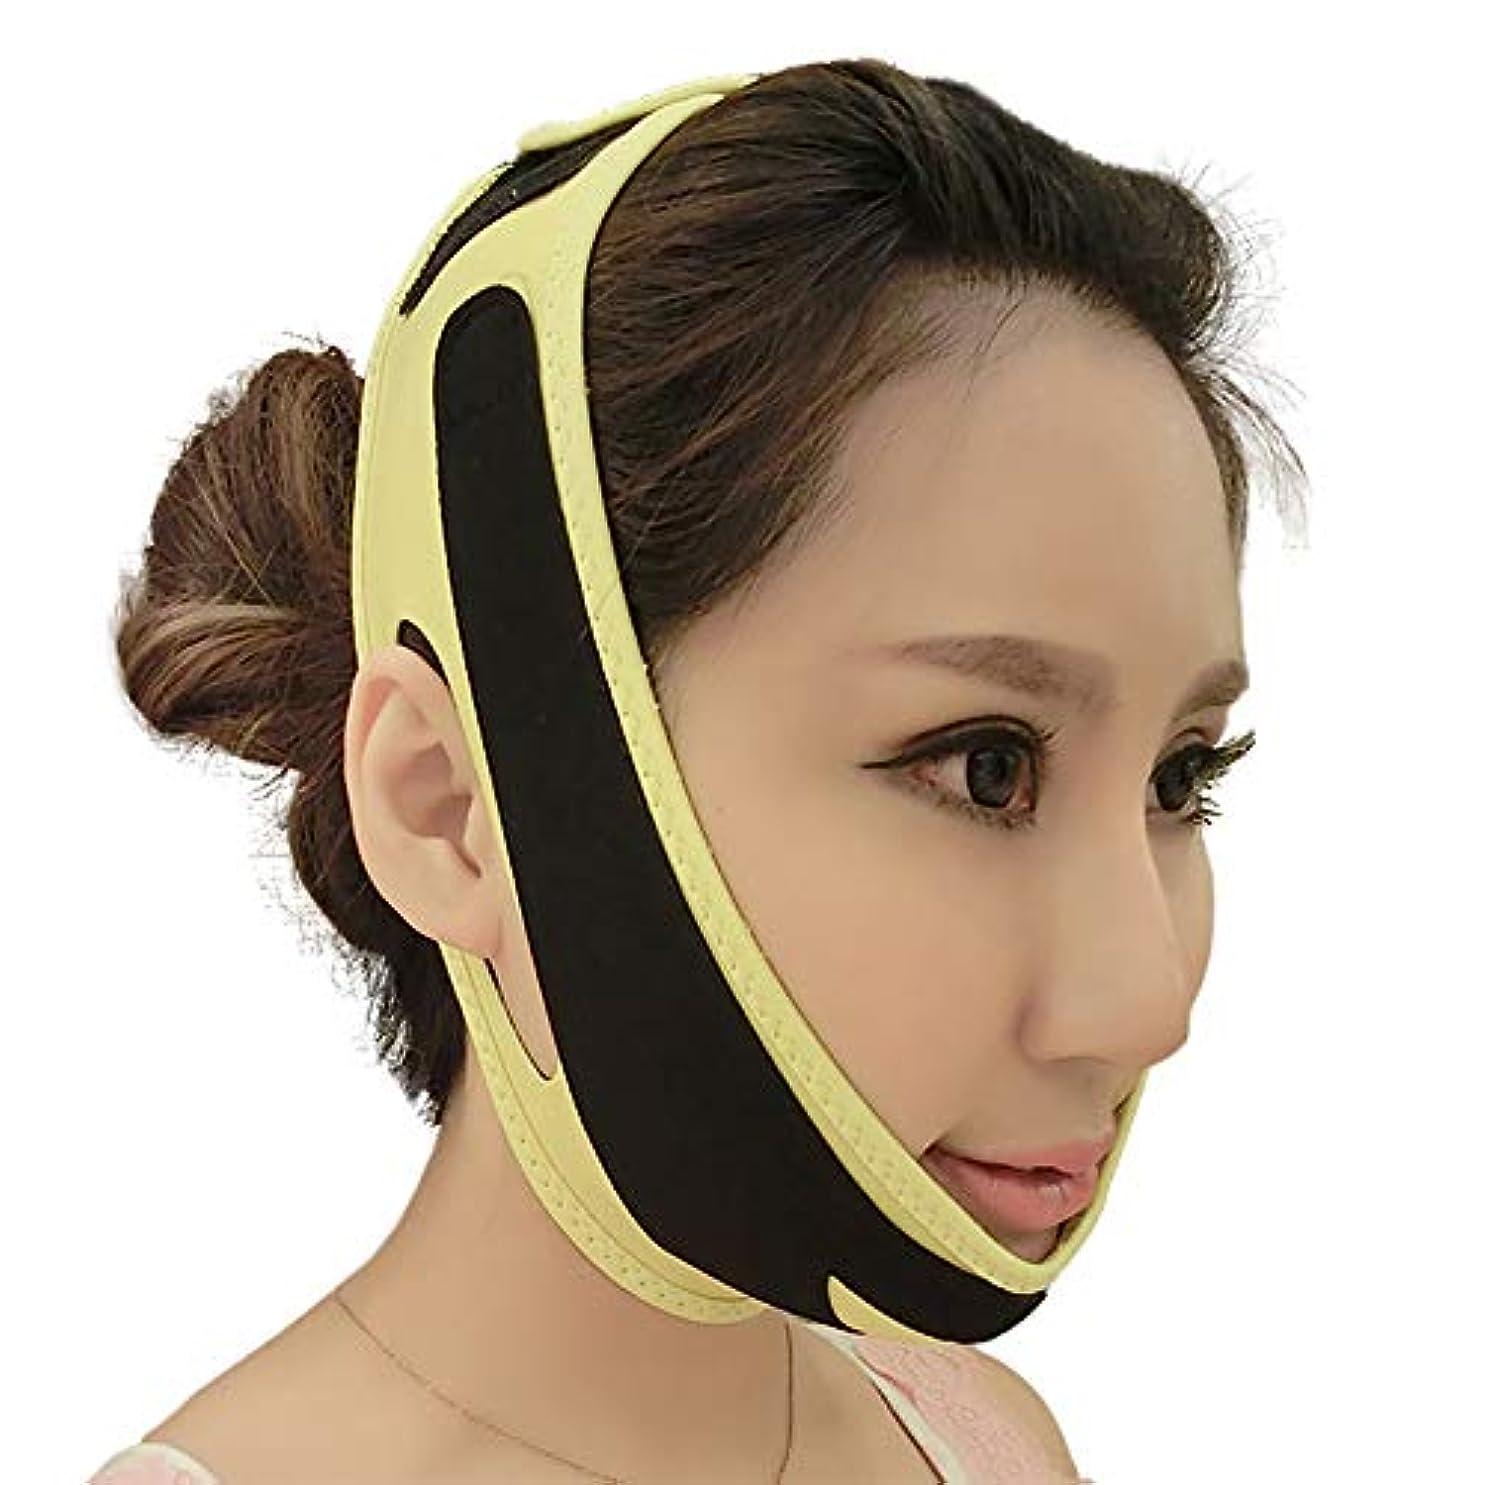 脱臼する意図的固有の痩身頬マスク、アンチリンクルVラインフェイシャルマスクリフトアップストラップチンフェイスラインベルトストラップバンド,Yellow